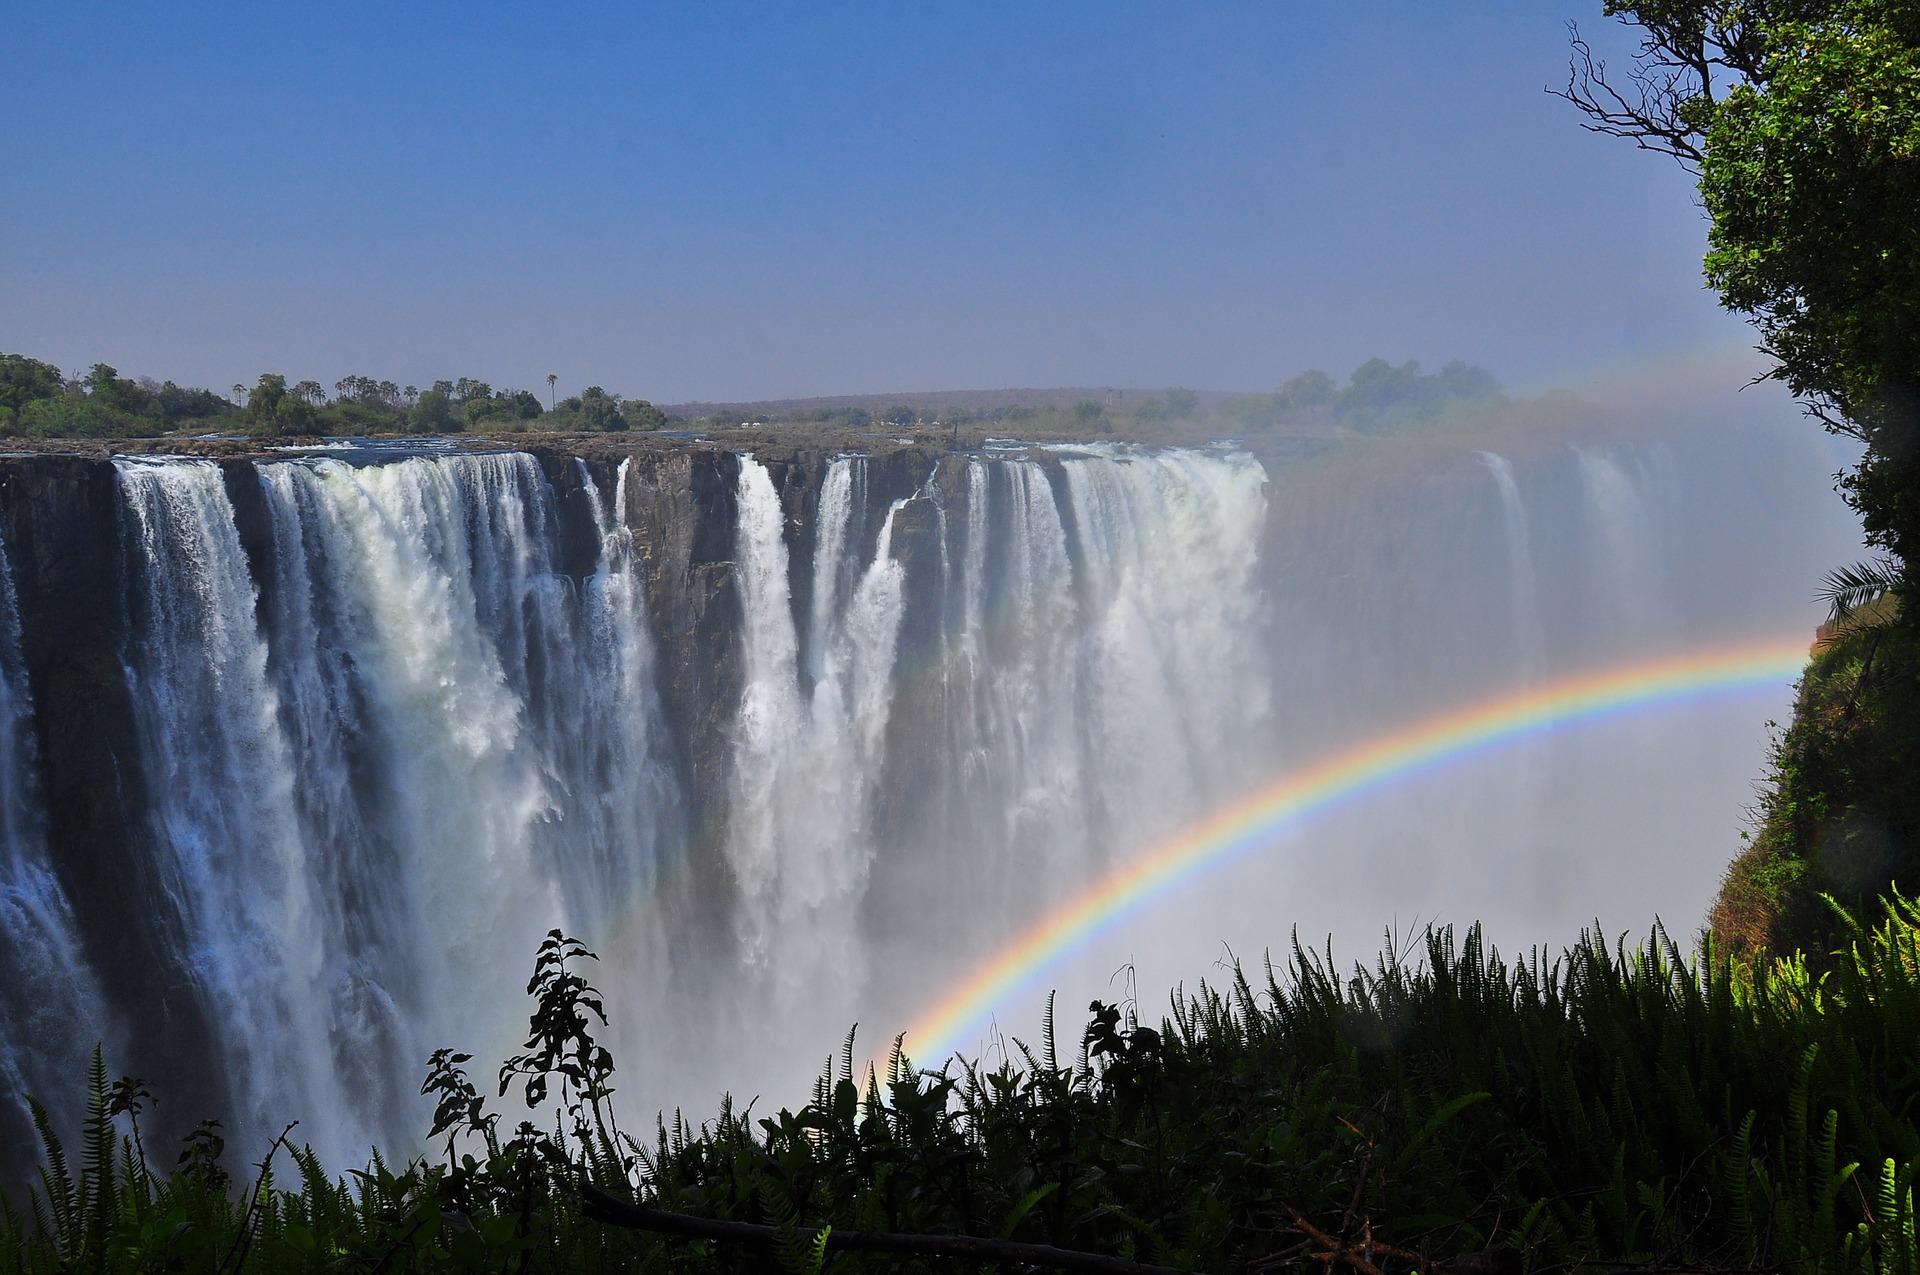 טיול כשר לדרום אפריקה ומפלי ויקטוריה | 8.3.20 | 13 ימים , 10 לילות